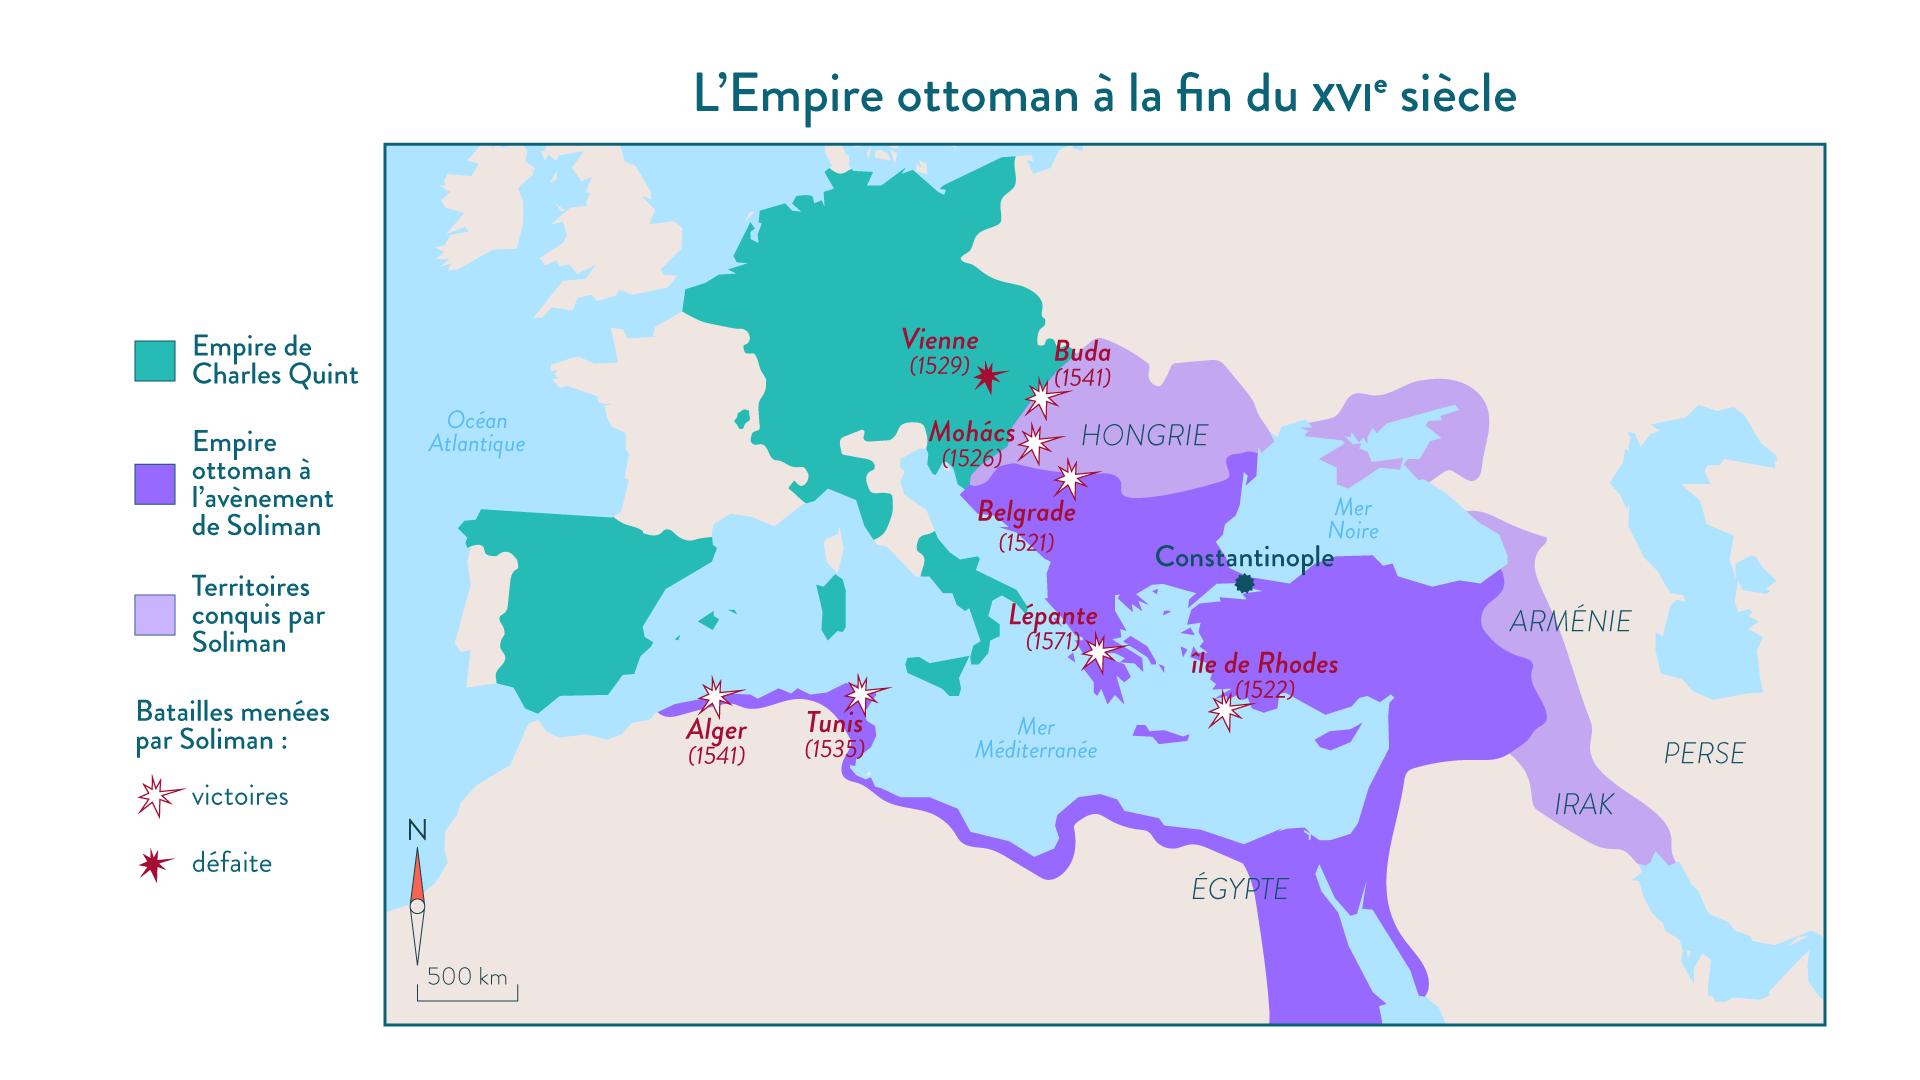 L'Empire ottoman à la fin du XVIe siècle - 5e - histoire